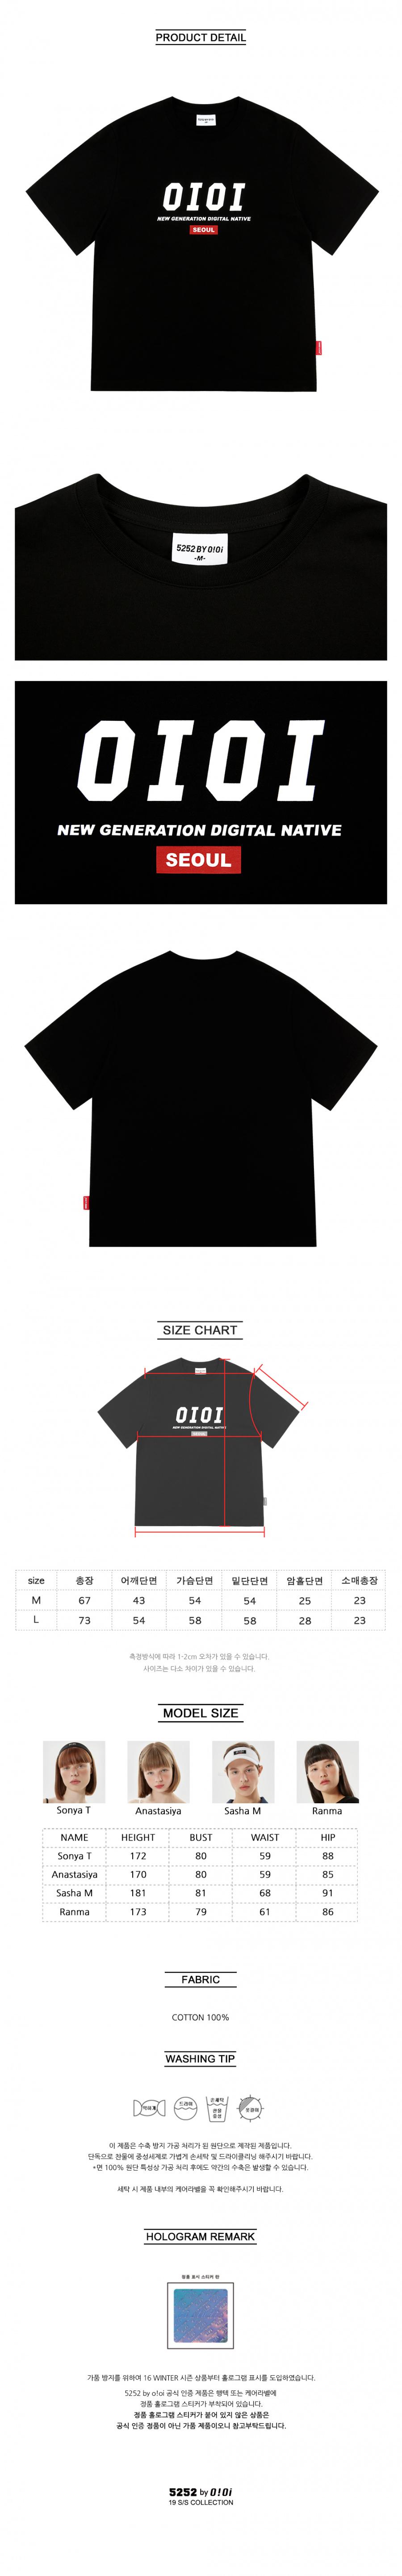 5252 바이 오아이오아이(5252BYOIOI) 2019 SIGNATURE T-SHIRTS_black